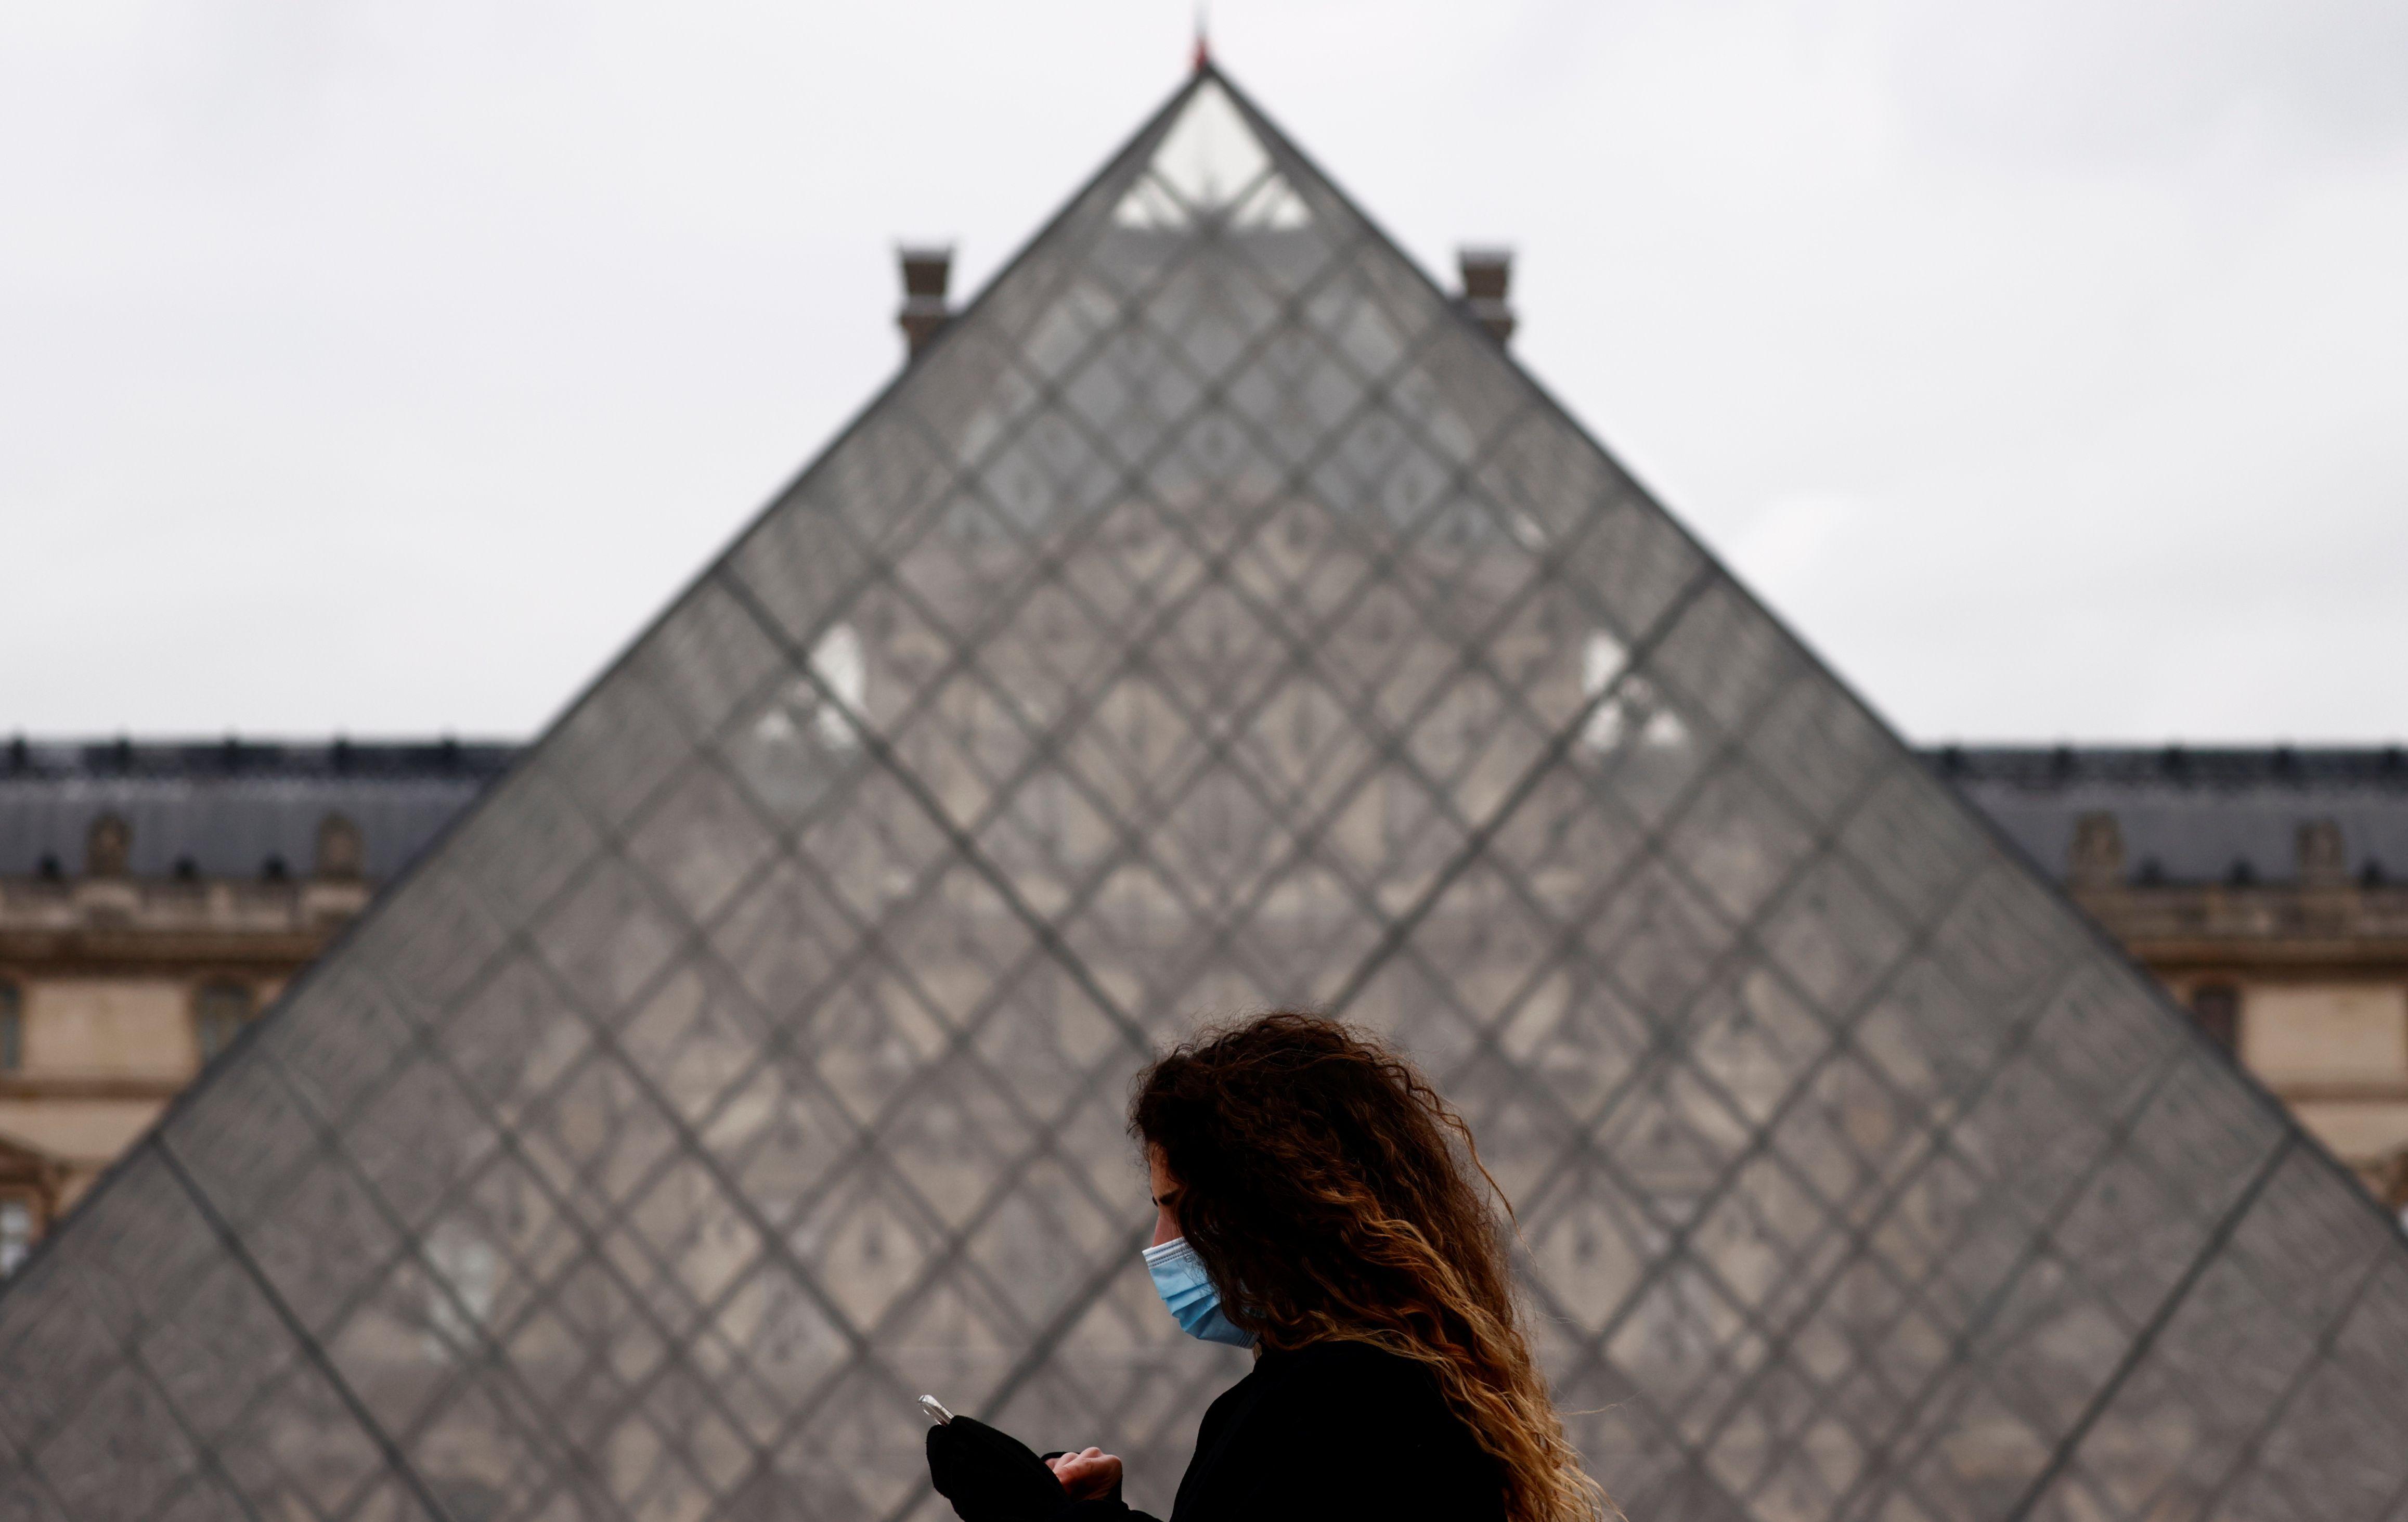 El Louvre hoy mantiene sus puertas cerradas de acuerdo con las medidas tomadas por el gobierno francés para prevenir la propagación del virus. REUTERS/Christian Hartmann